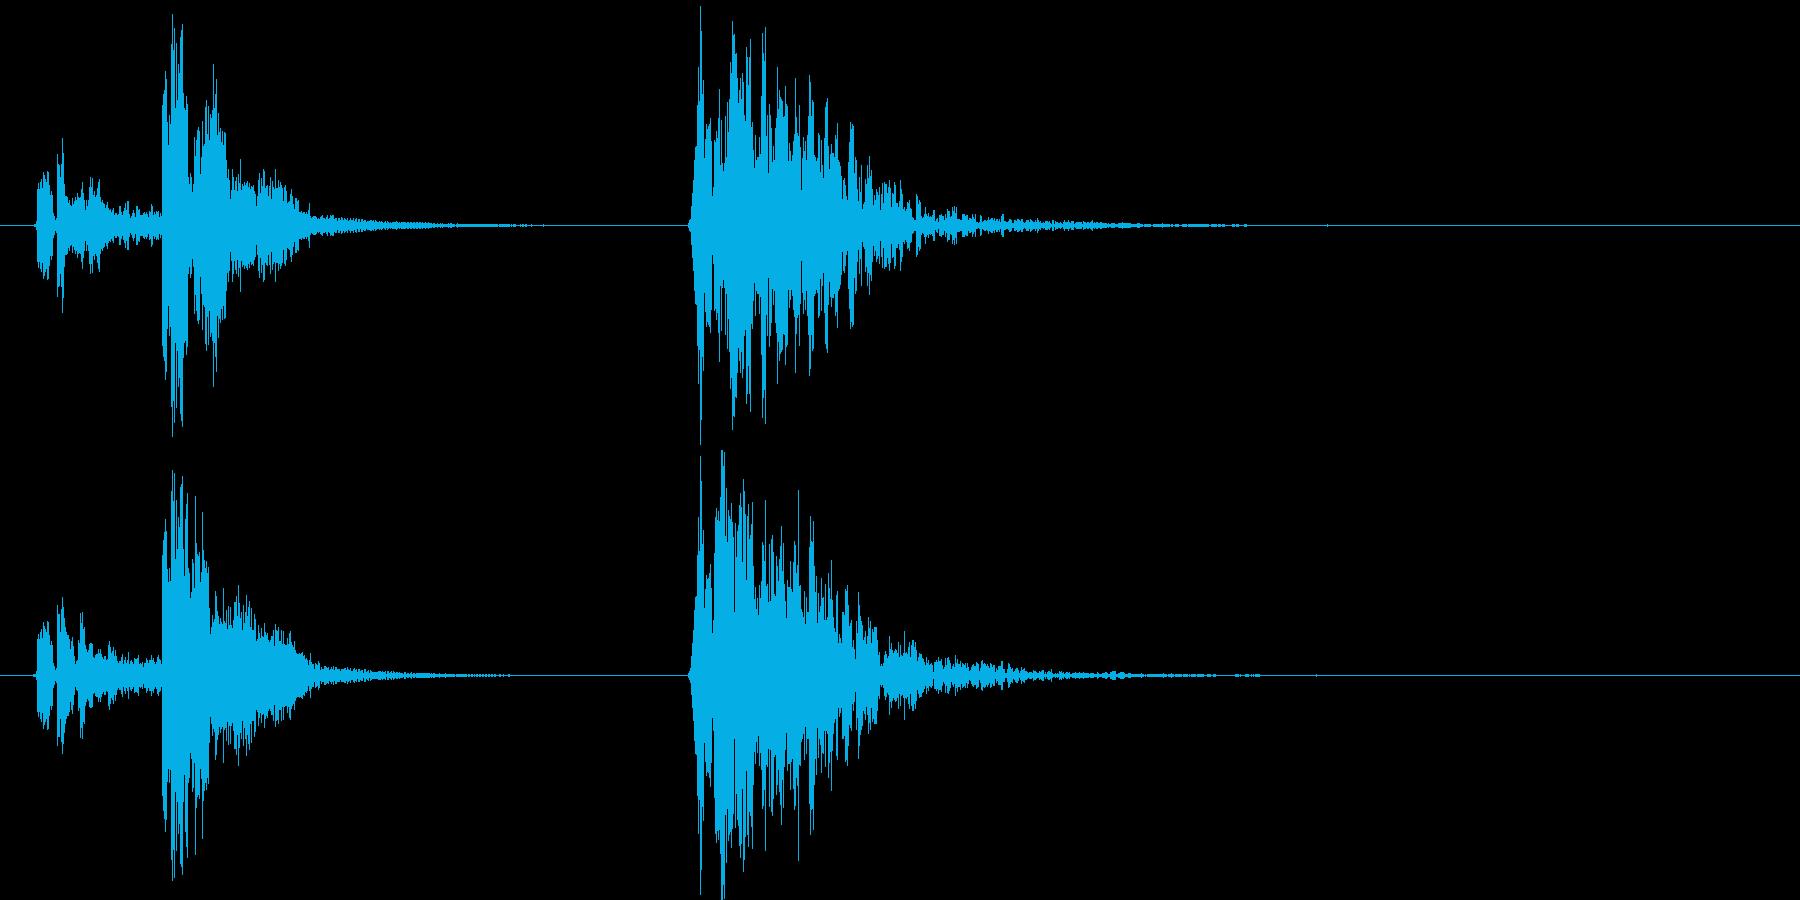 コルク栓やスクリューキャップを抜く音06の再生済みの波形